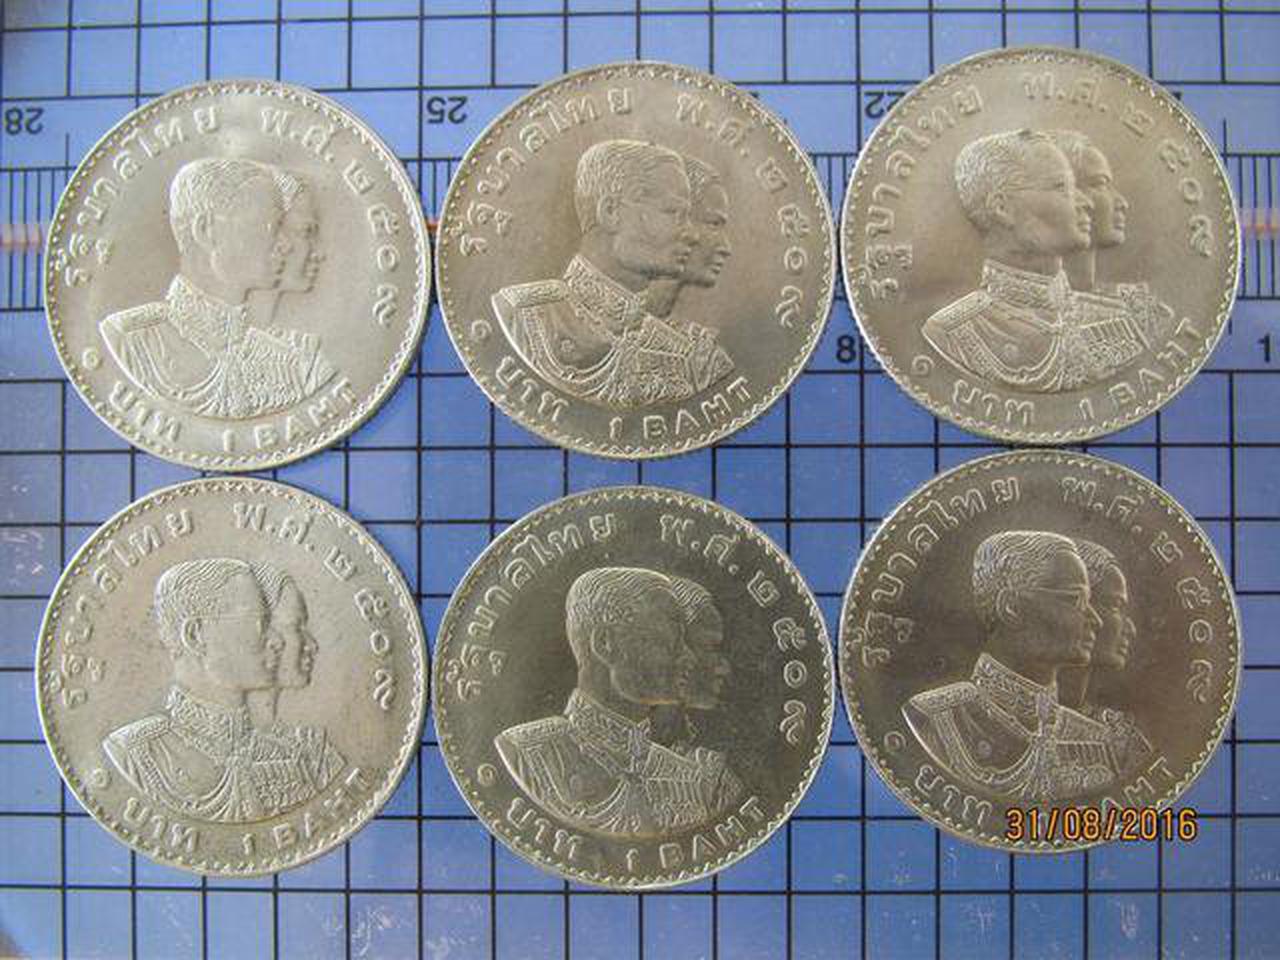 3822 เหรียญกษาปณ์ที่ระลึก 1 บาท เอเชี่ยนเกมส์ ครั้งที่ 5 ปี  รูปที่ 4